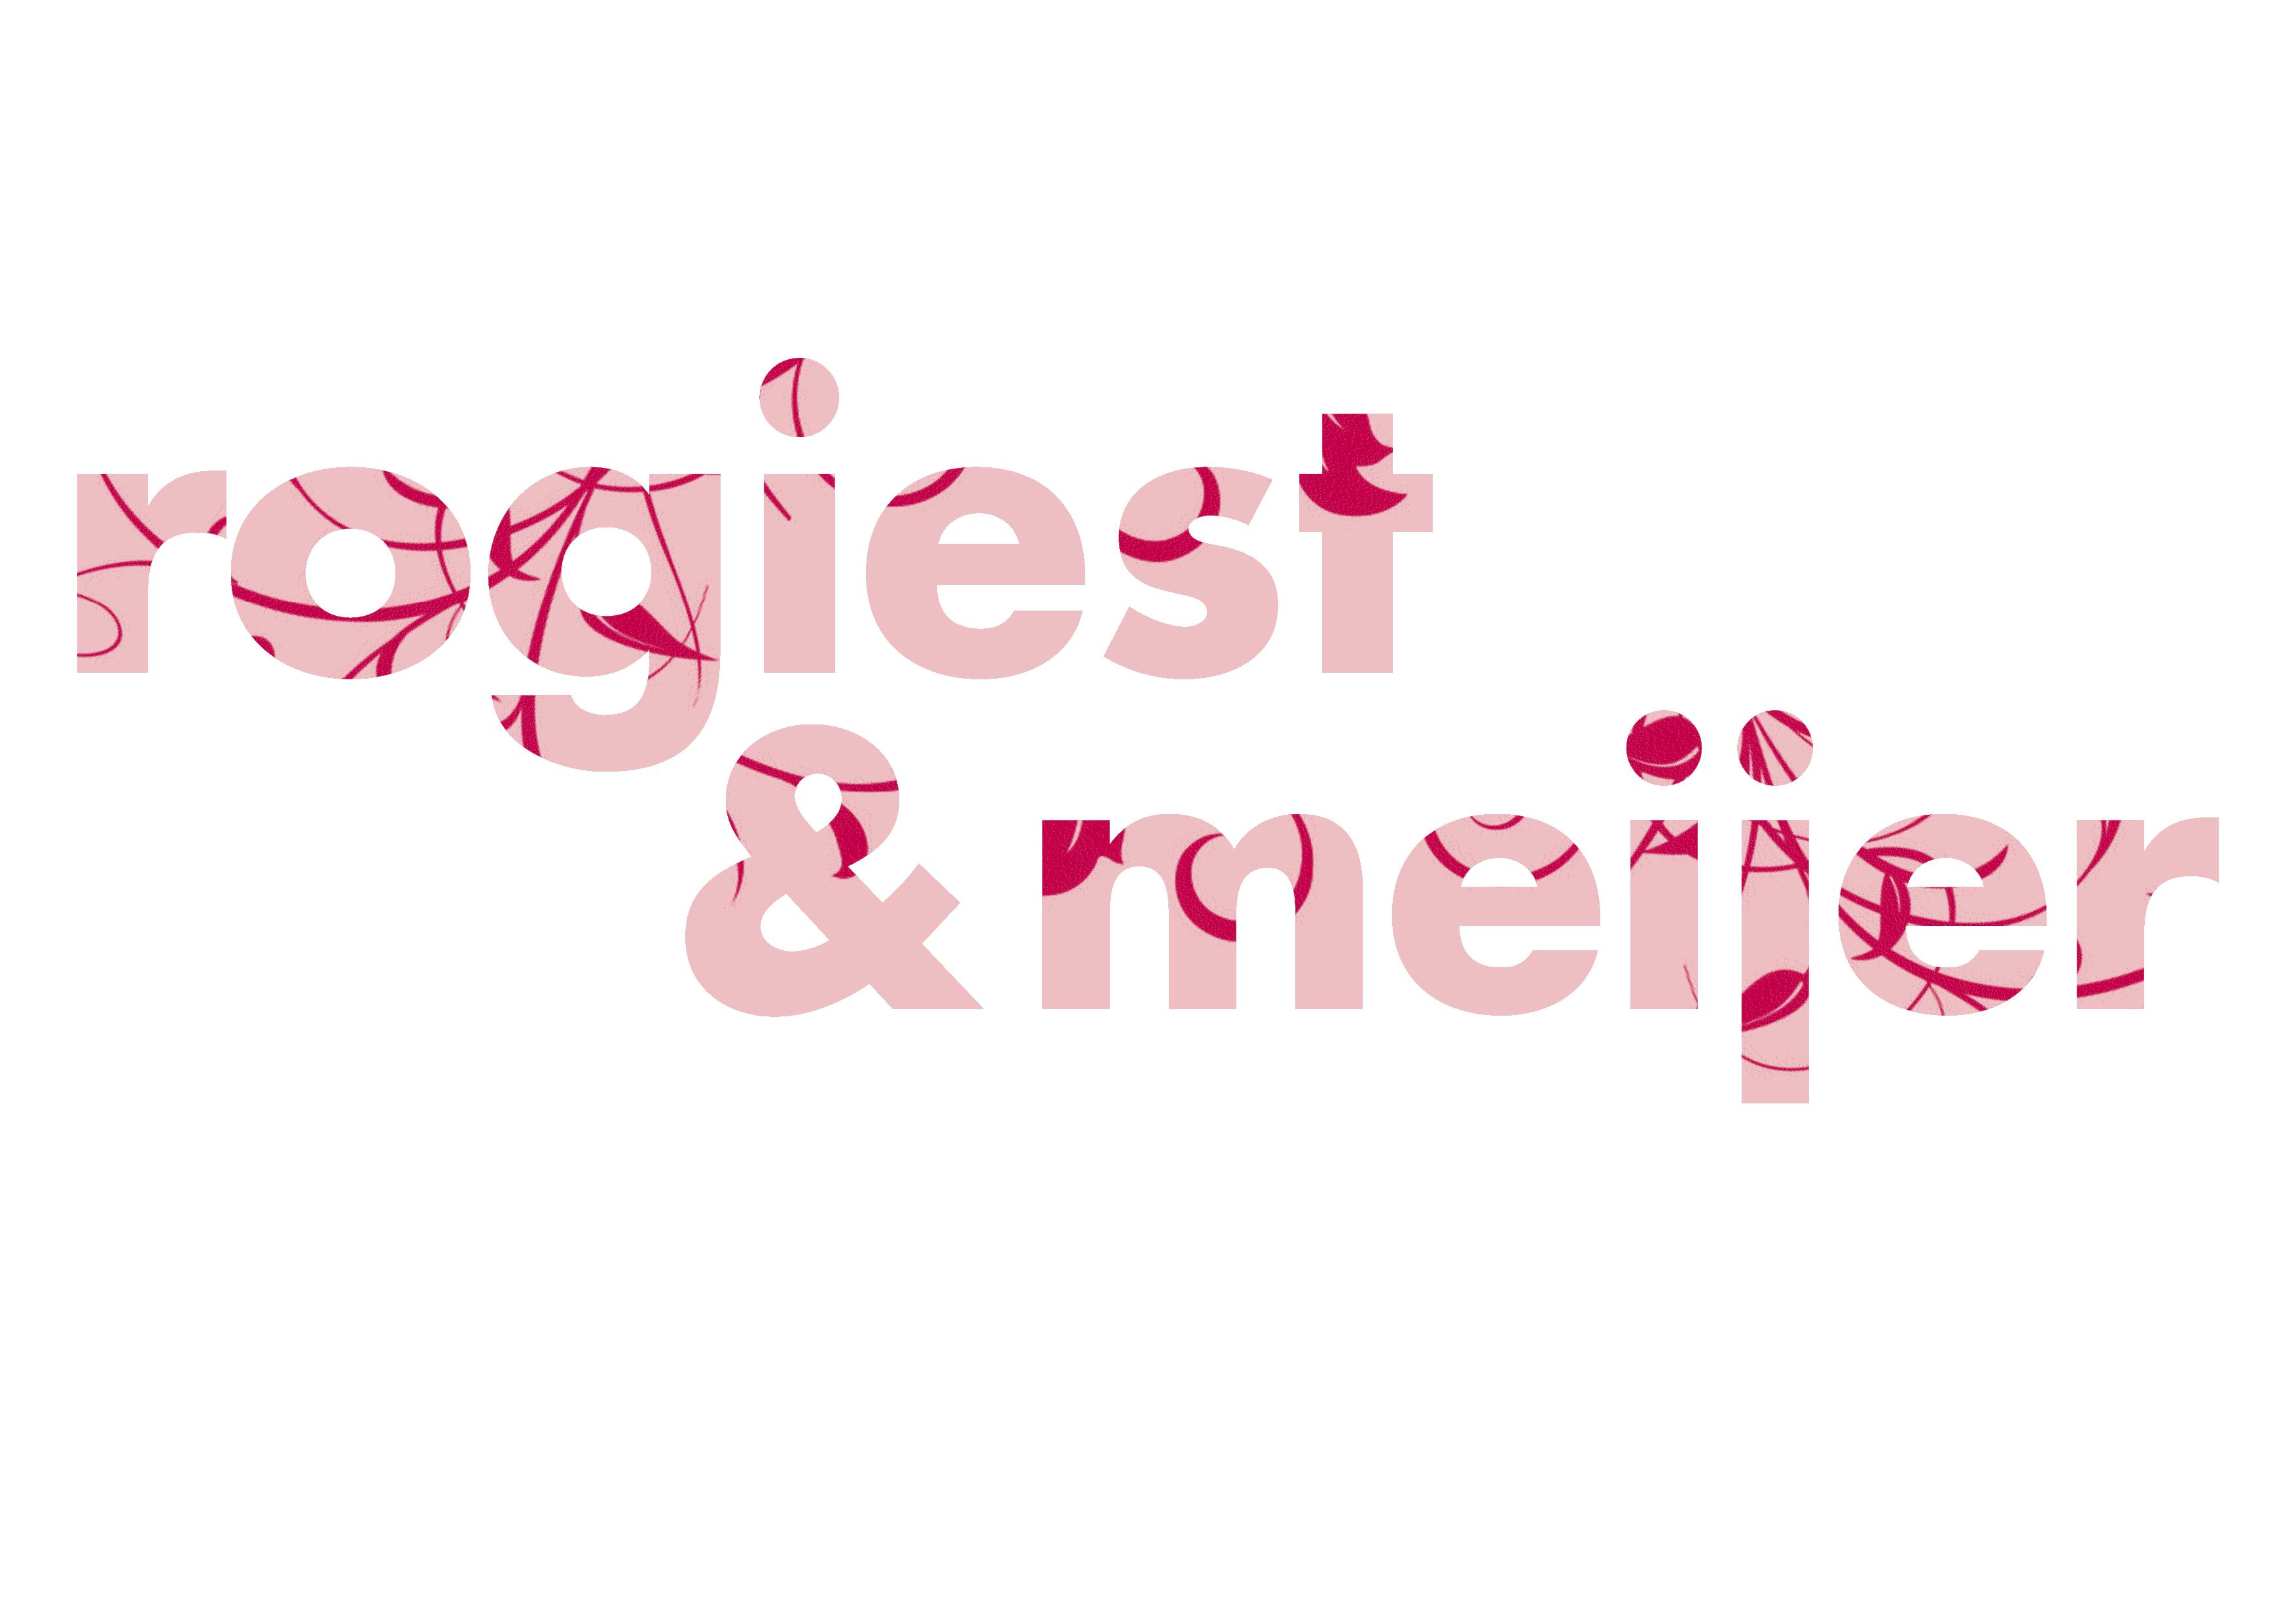 Rogiest & Meijer